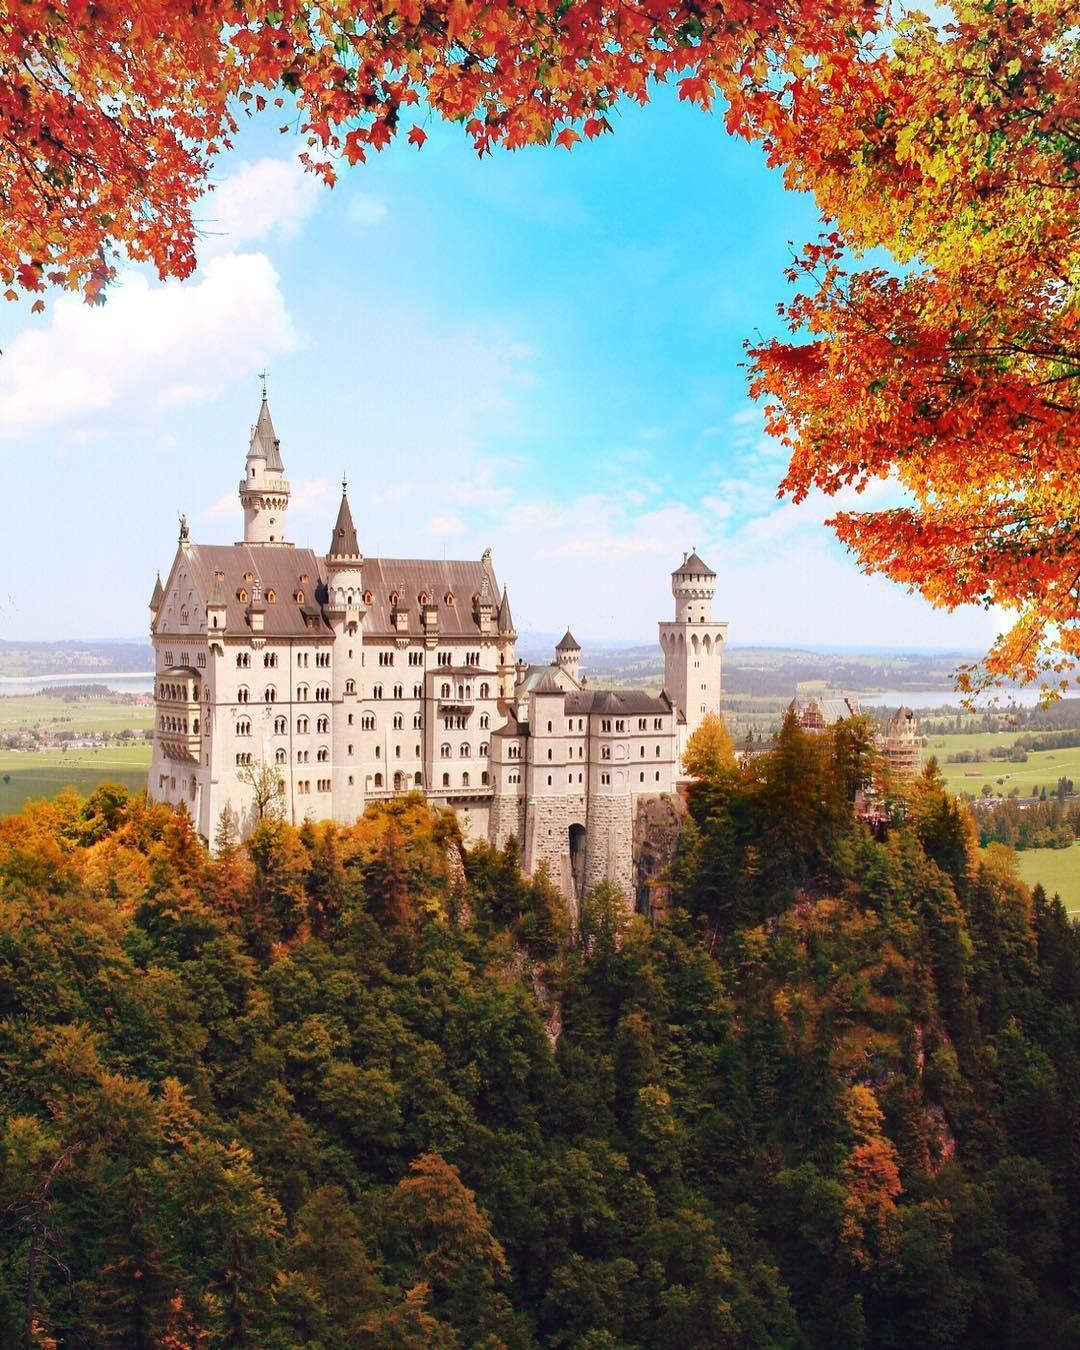 Um Alle Sehenswerten Orte In Europa Einmal Zu Sehen Wurde Ein Leben Vermutlich Nicht Ausreichen Diese Orte G In 2020 Schone Orte Castle In The Sky Deutschland Burgen